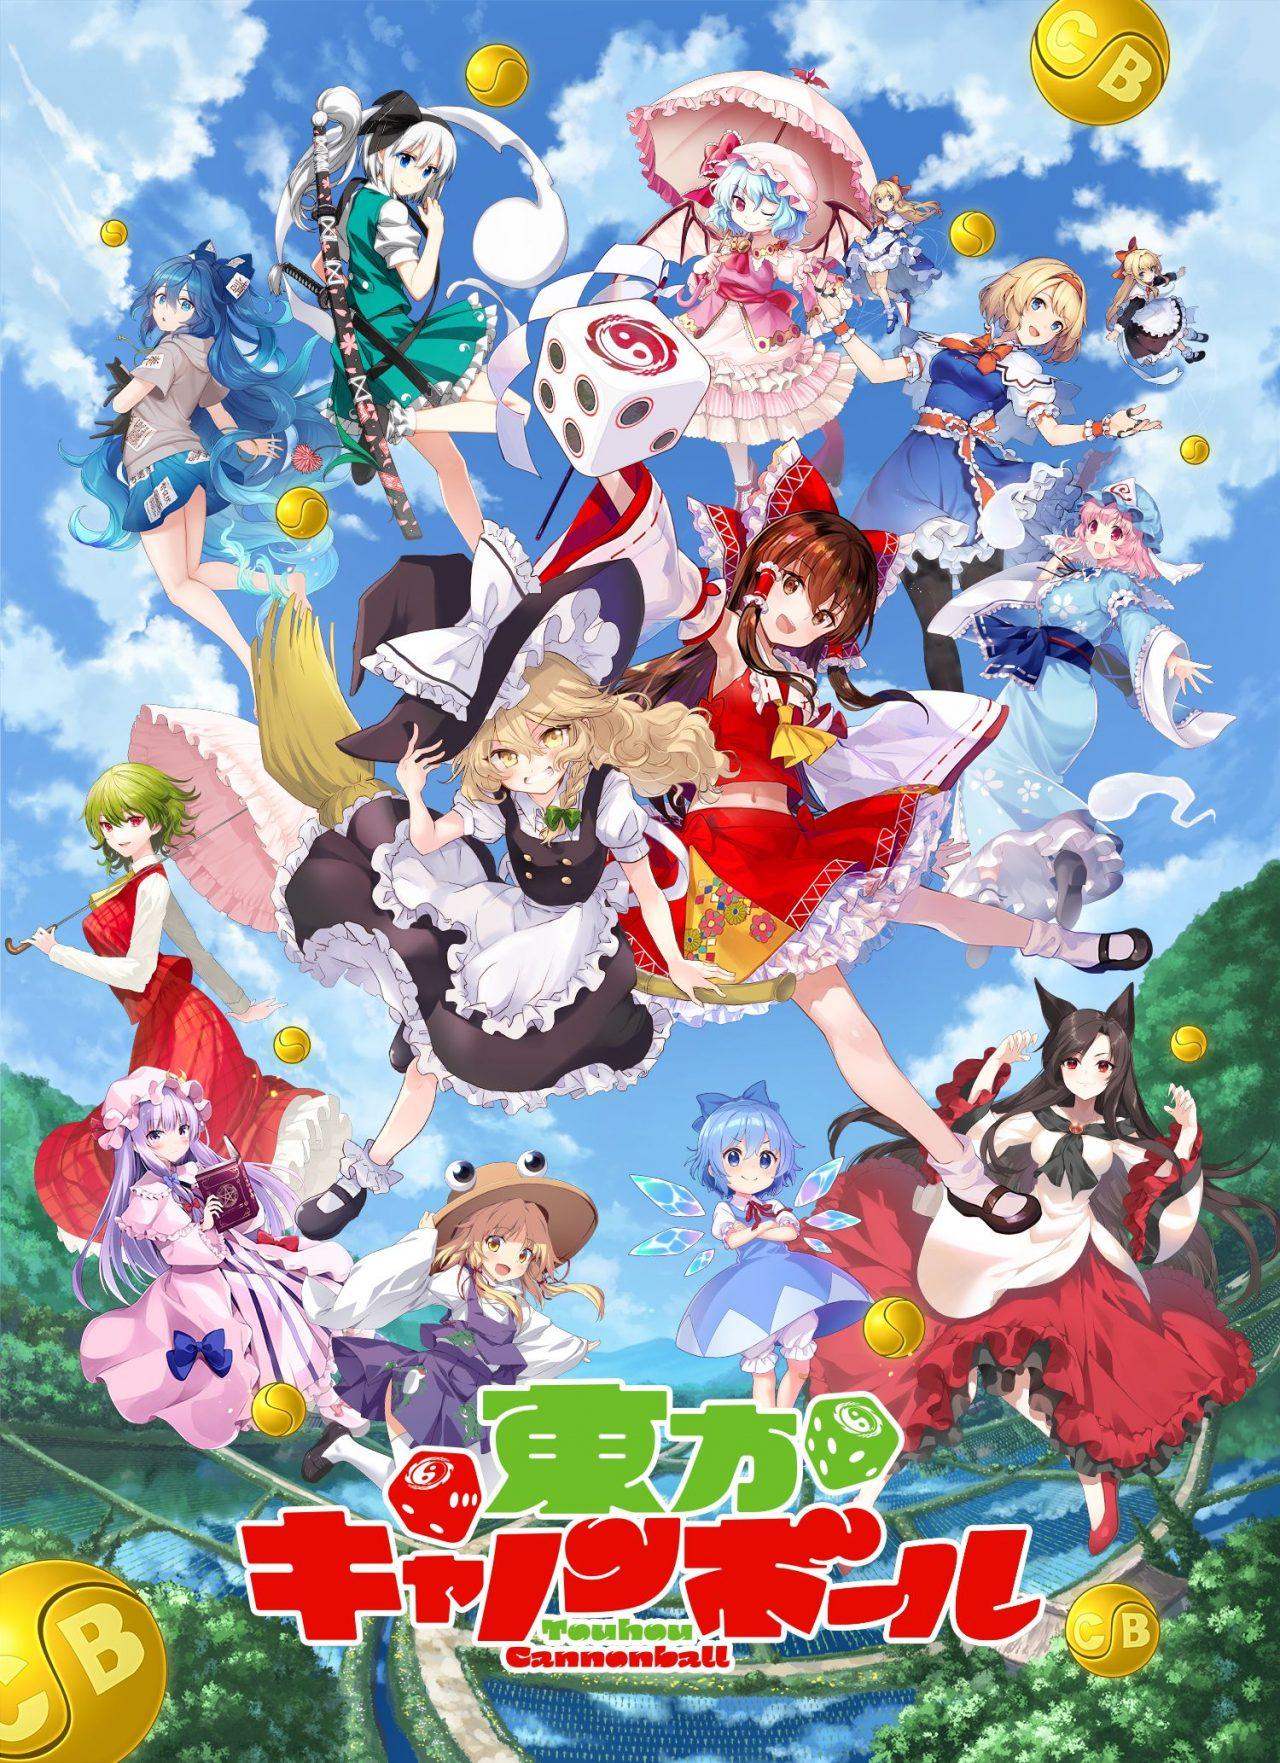 新作スマホ向けボードゲーム『東方キャノンボール』が10月1日(火)より配信中!